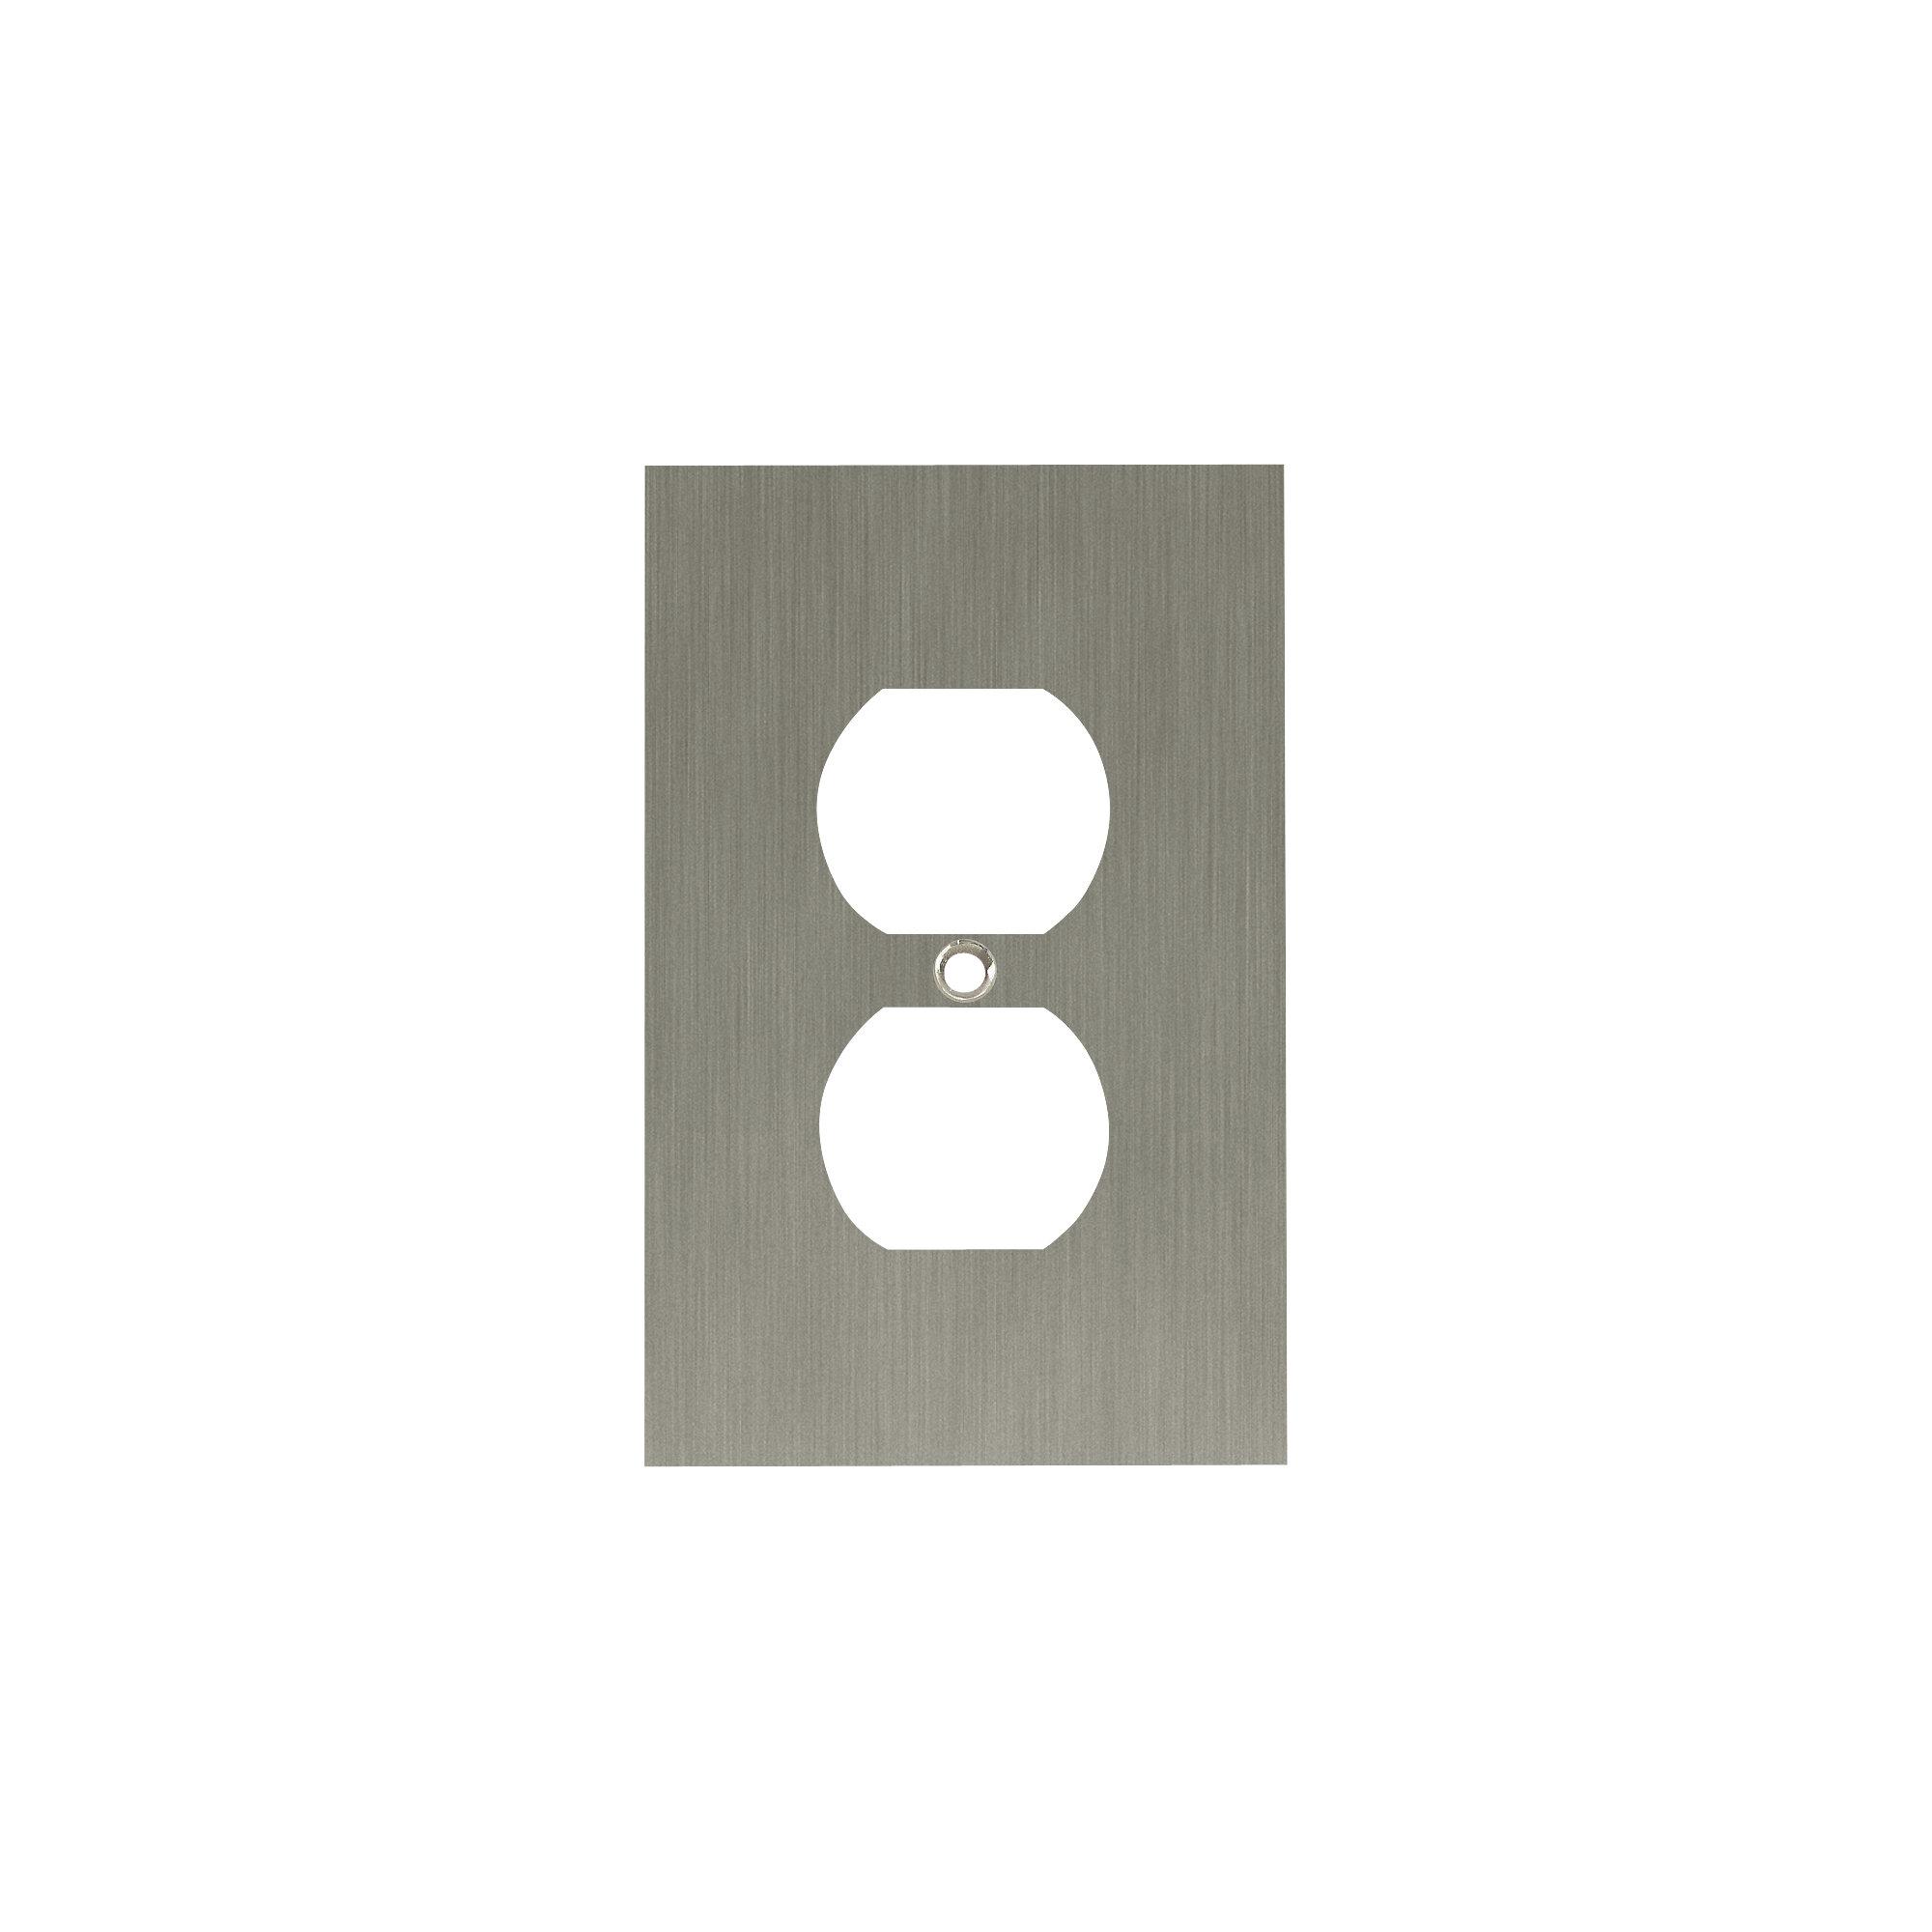 Franklin Brass Concave 1 Gang Duplex Outlet Wall Plate Reviews Wayfair